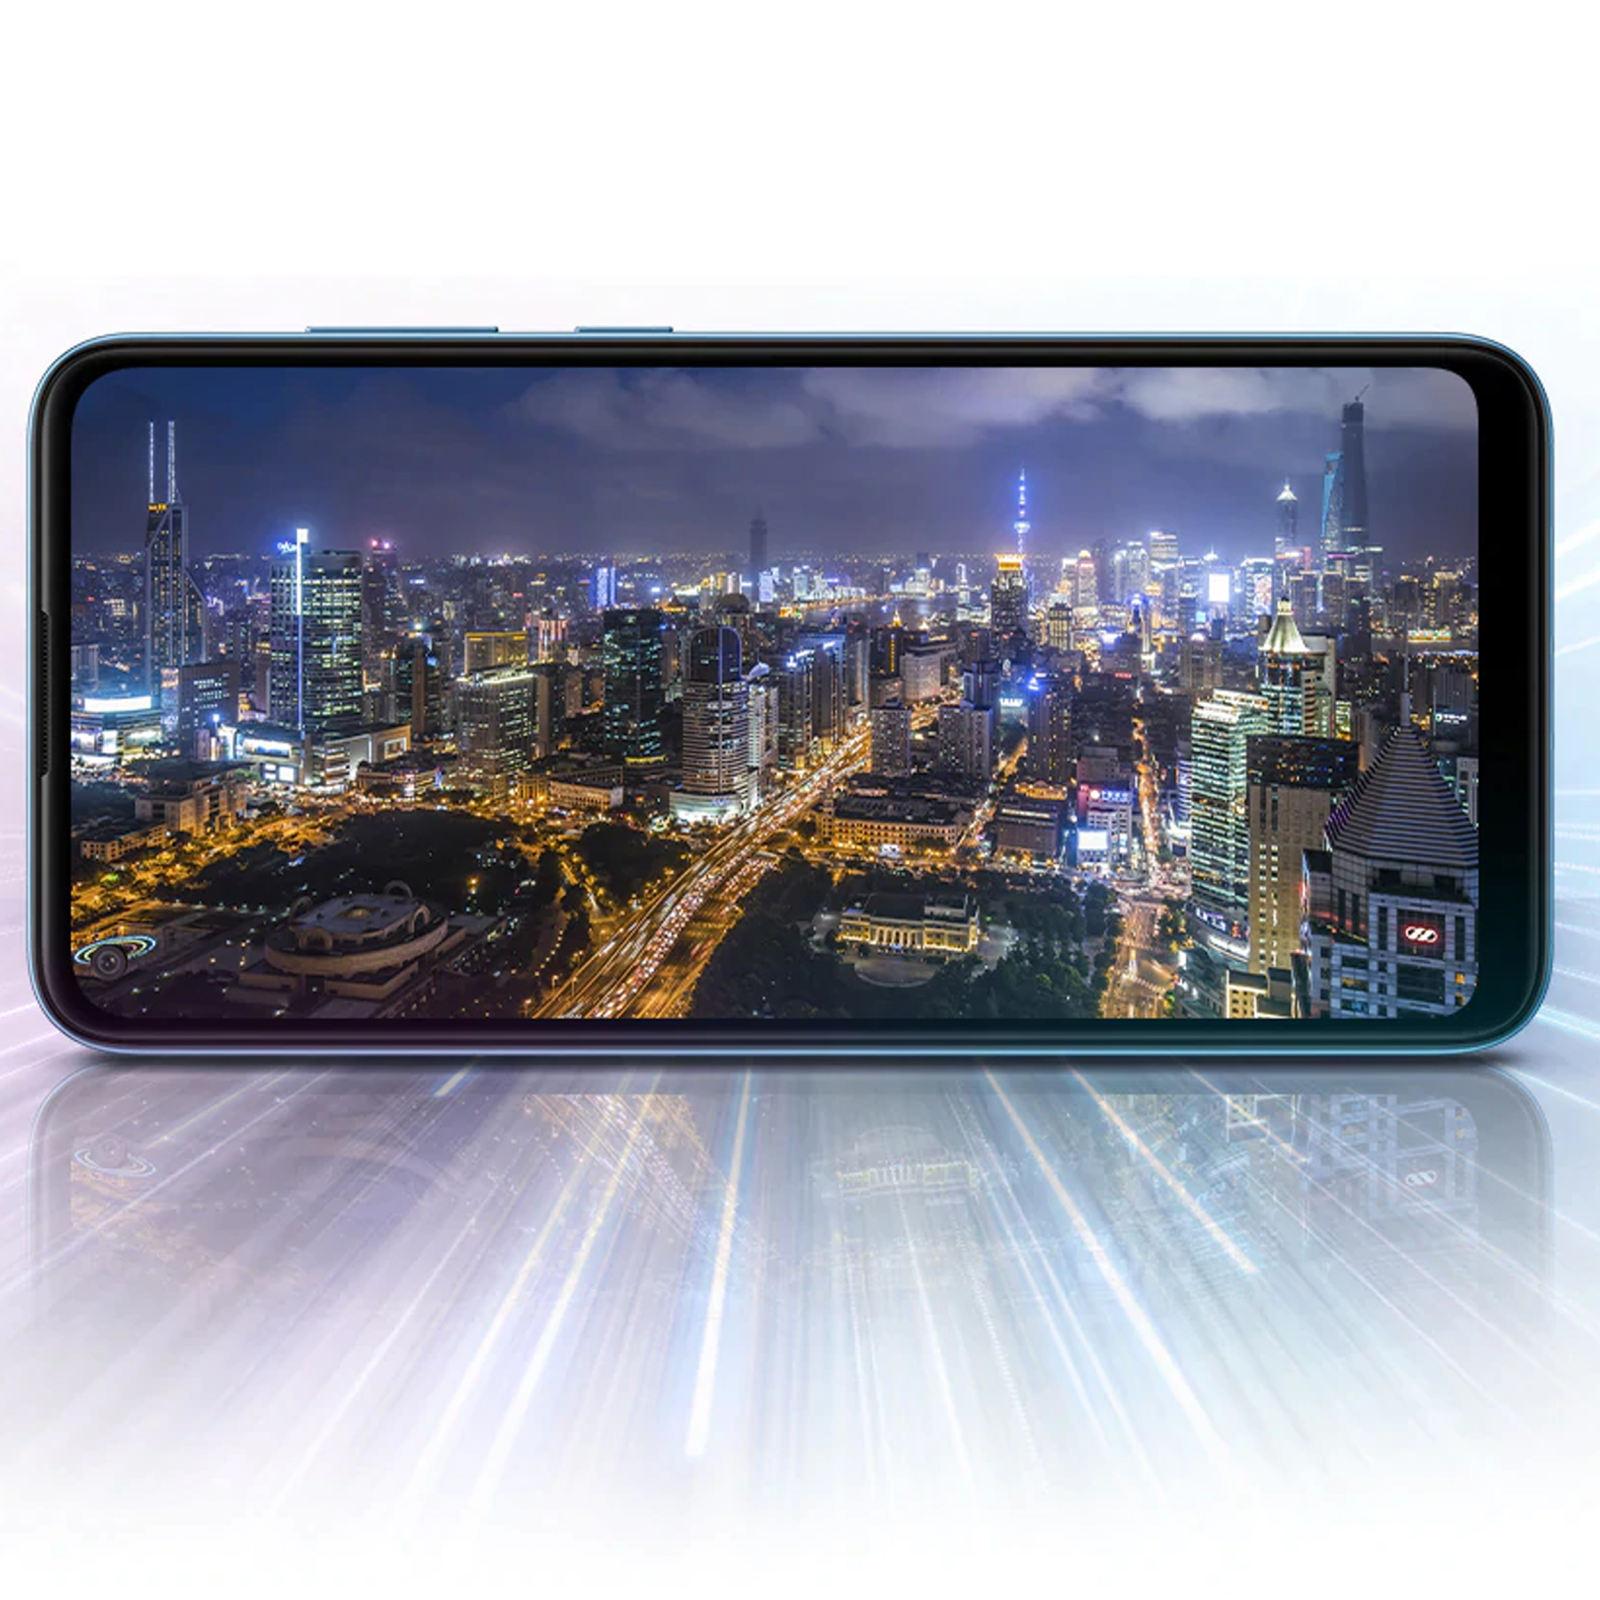 گوشی موبایل سامسونگ مدل Galaxy A11 SM-A115F/DS دو سیم کارت ظرفیت 32 گیگابایت با 3 گیگابایت رم main 1 10